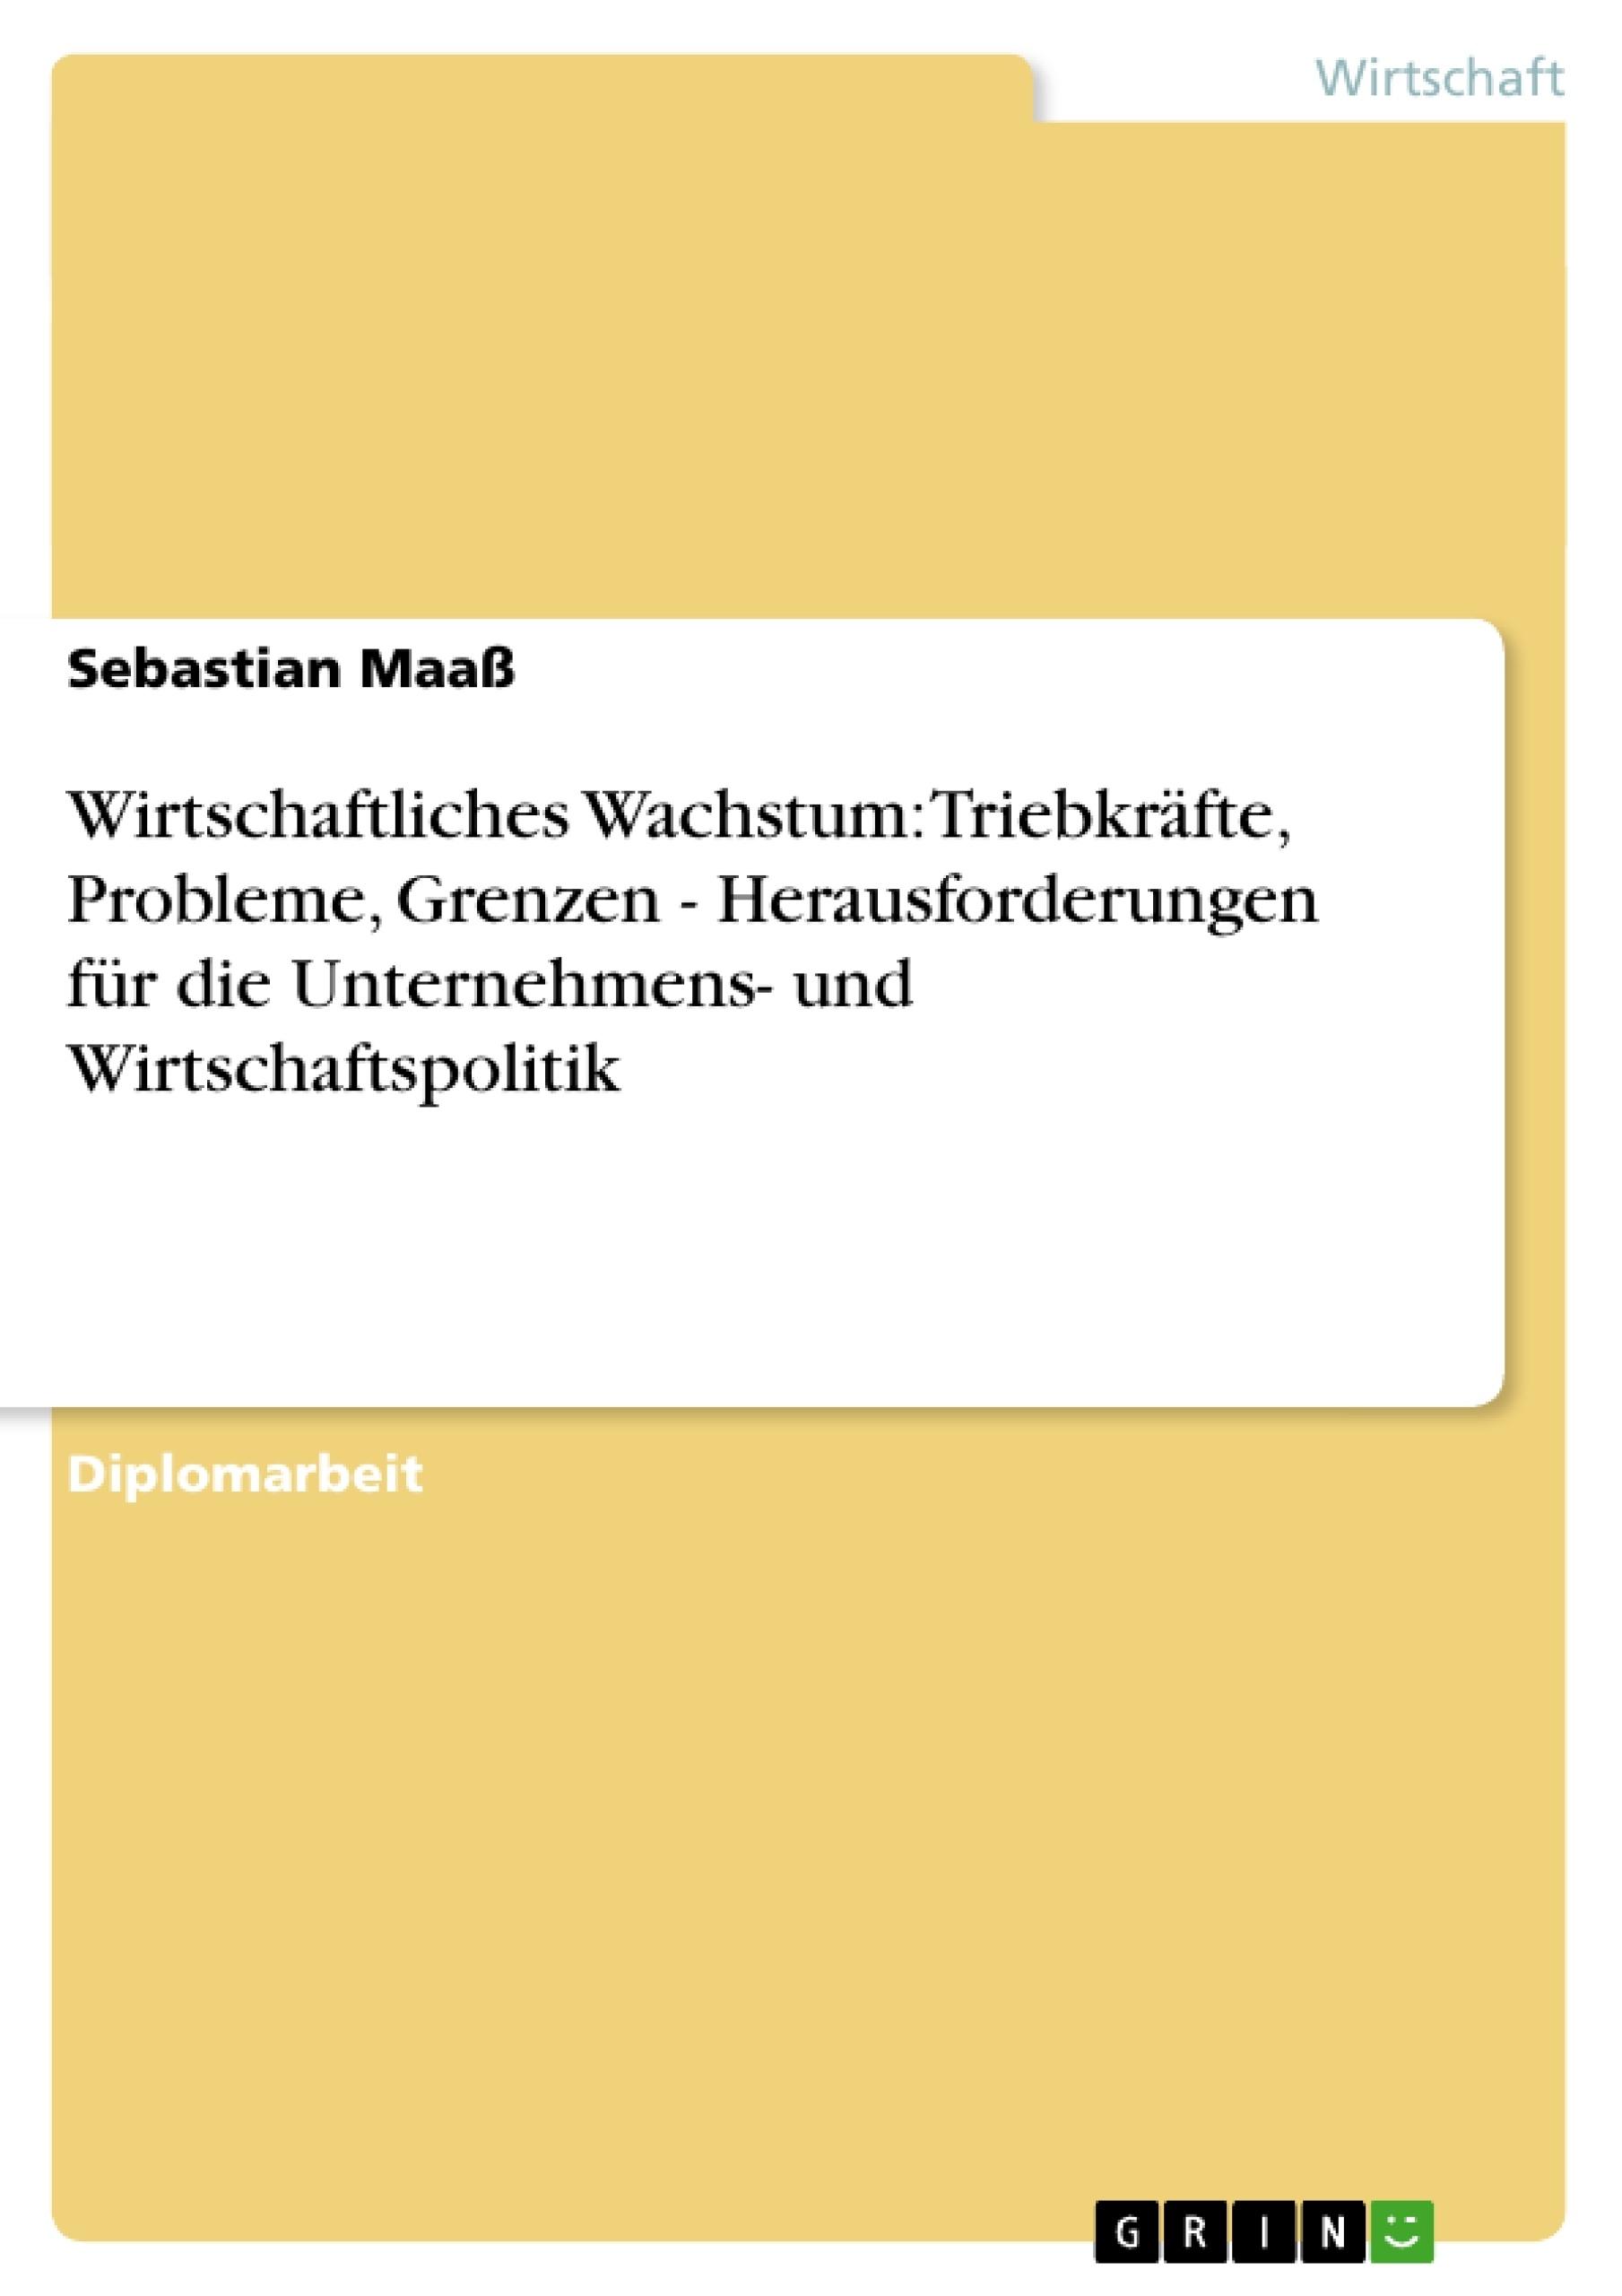 Titel: Wirtschaftliches Wachstum: Triebkräfte, Probleme, Grenzen - Herausforderungen für die Unternehmens- und Wirtschaftspolitik